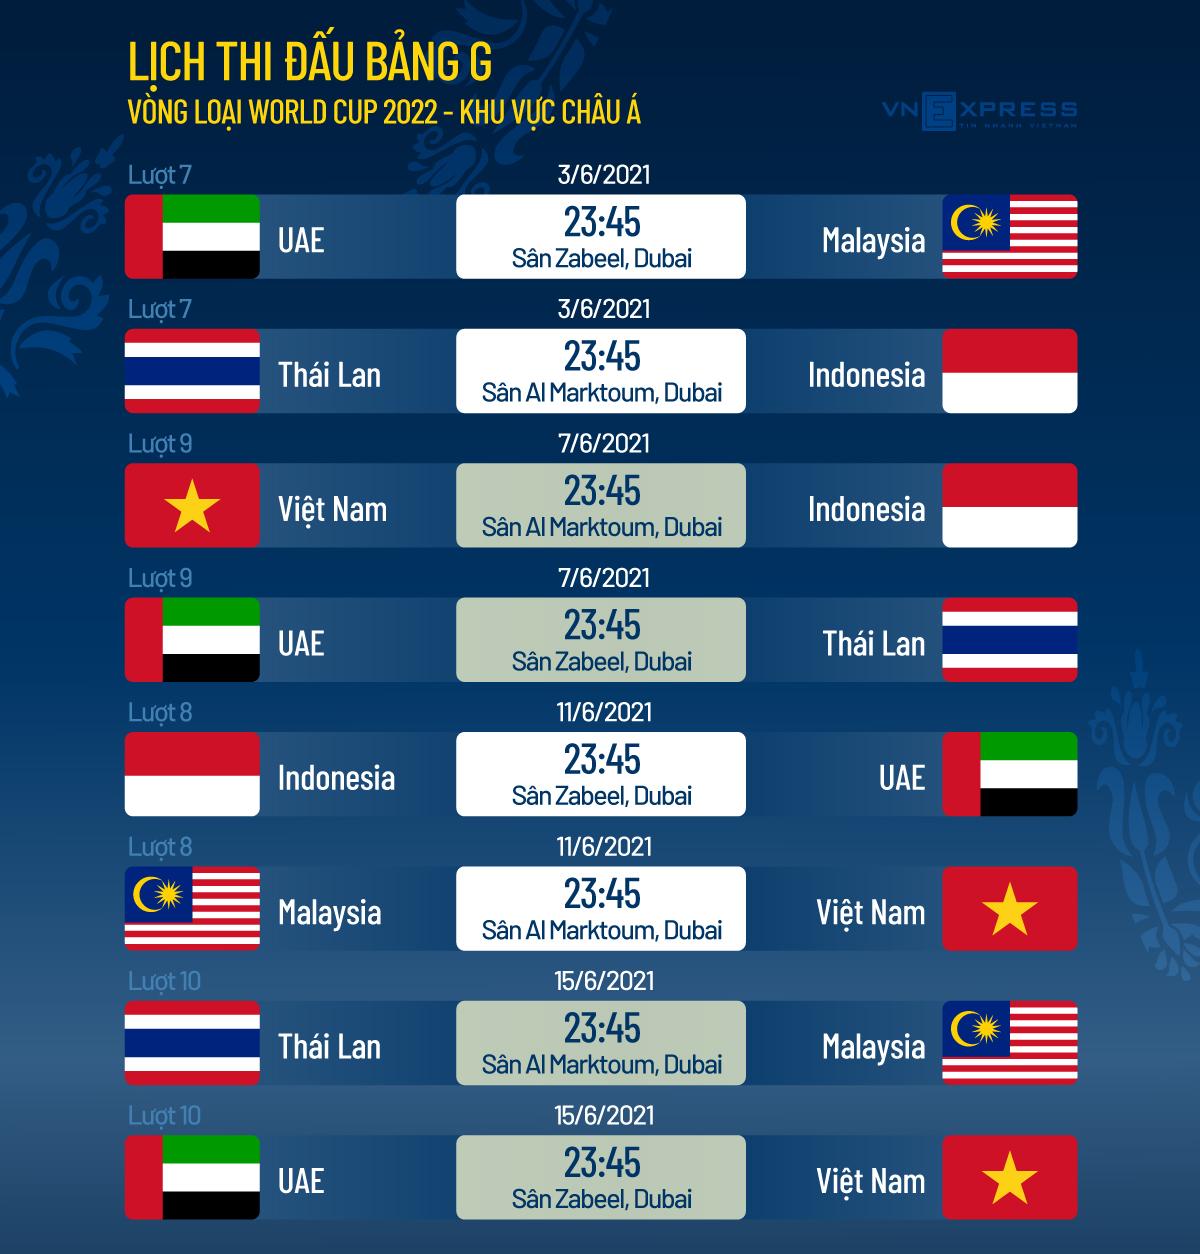 HLV Thái Lan: Có đội hưởng lợi ở vòng loại World Cup - 1